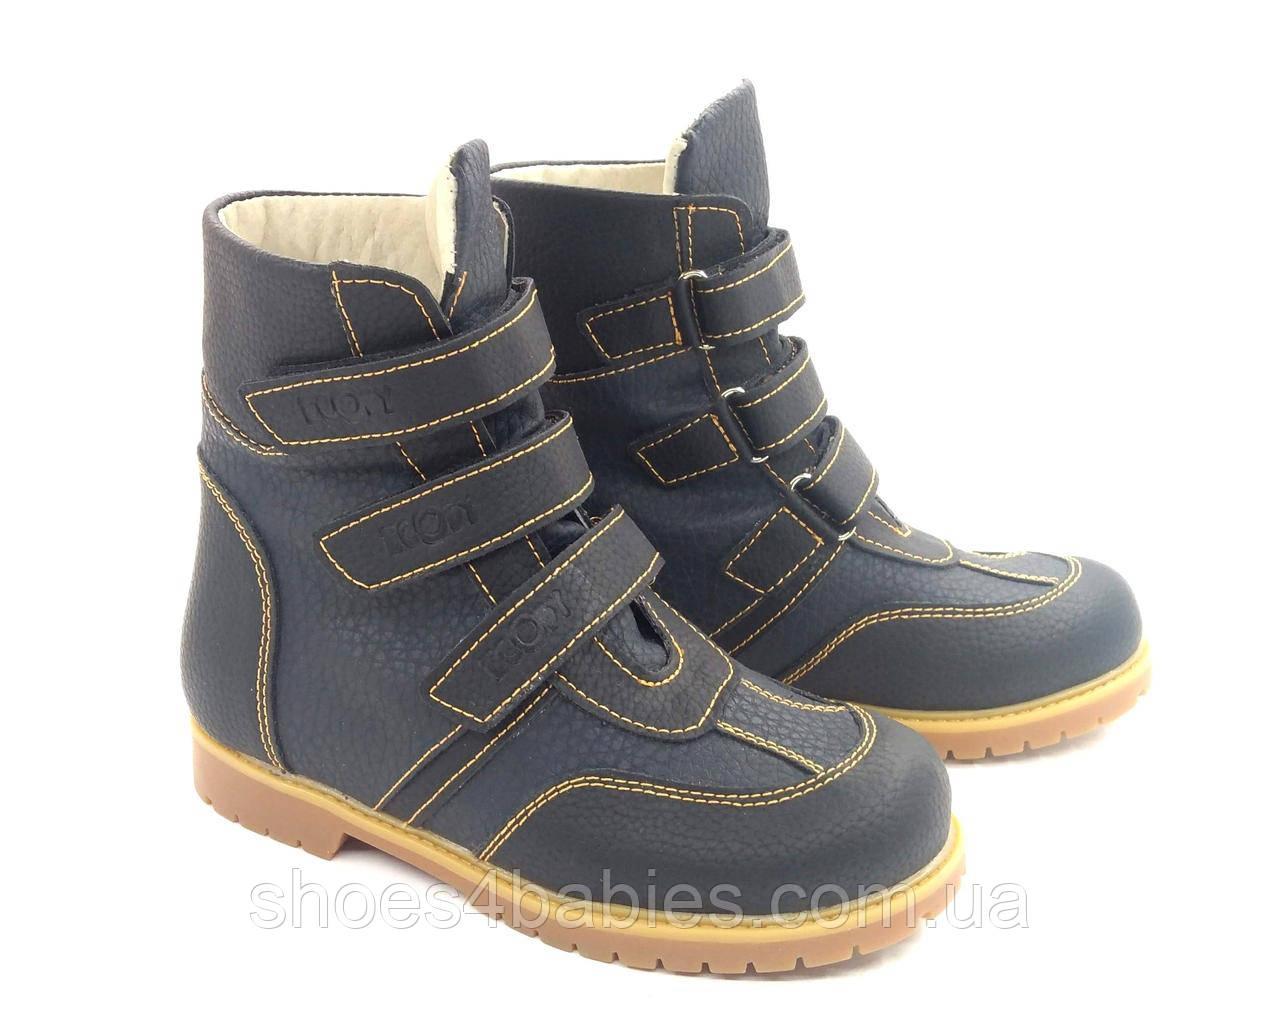 Ортопедические ботинки демисезонные для мальчика Ecoby 703B р. 27 - 18см